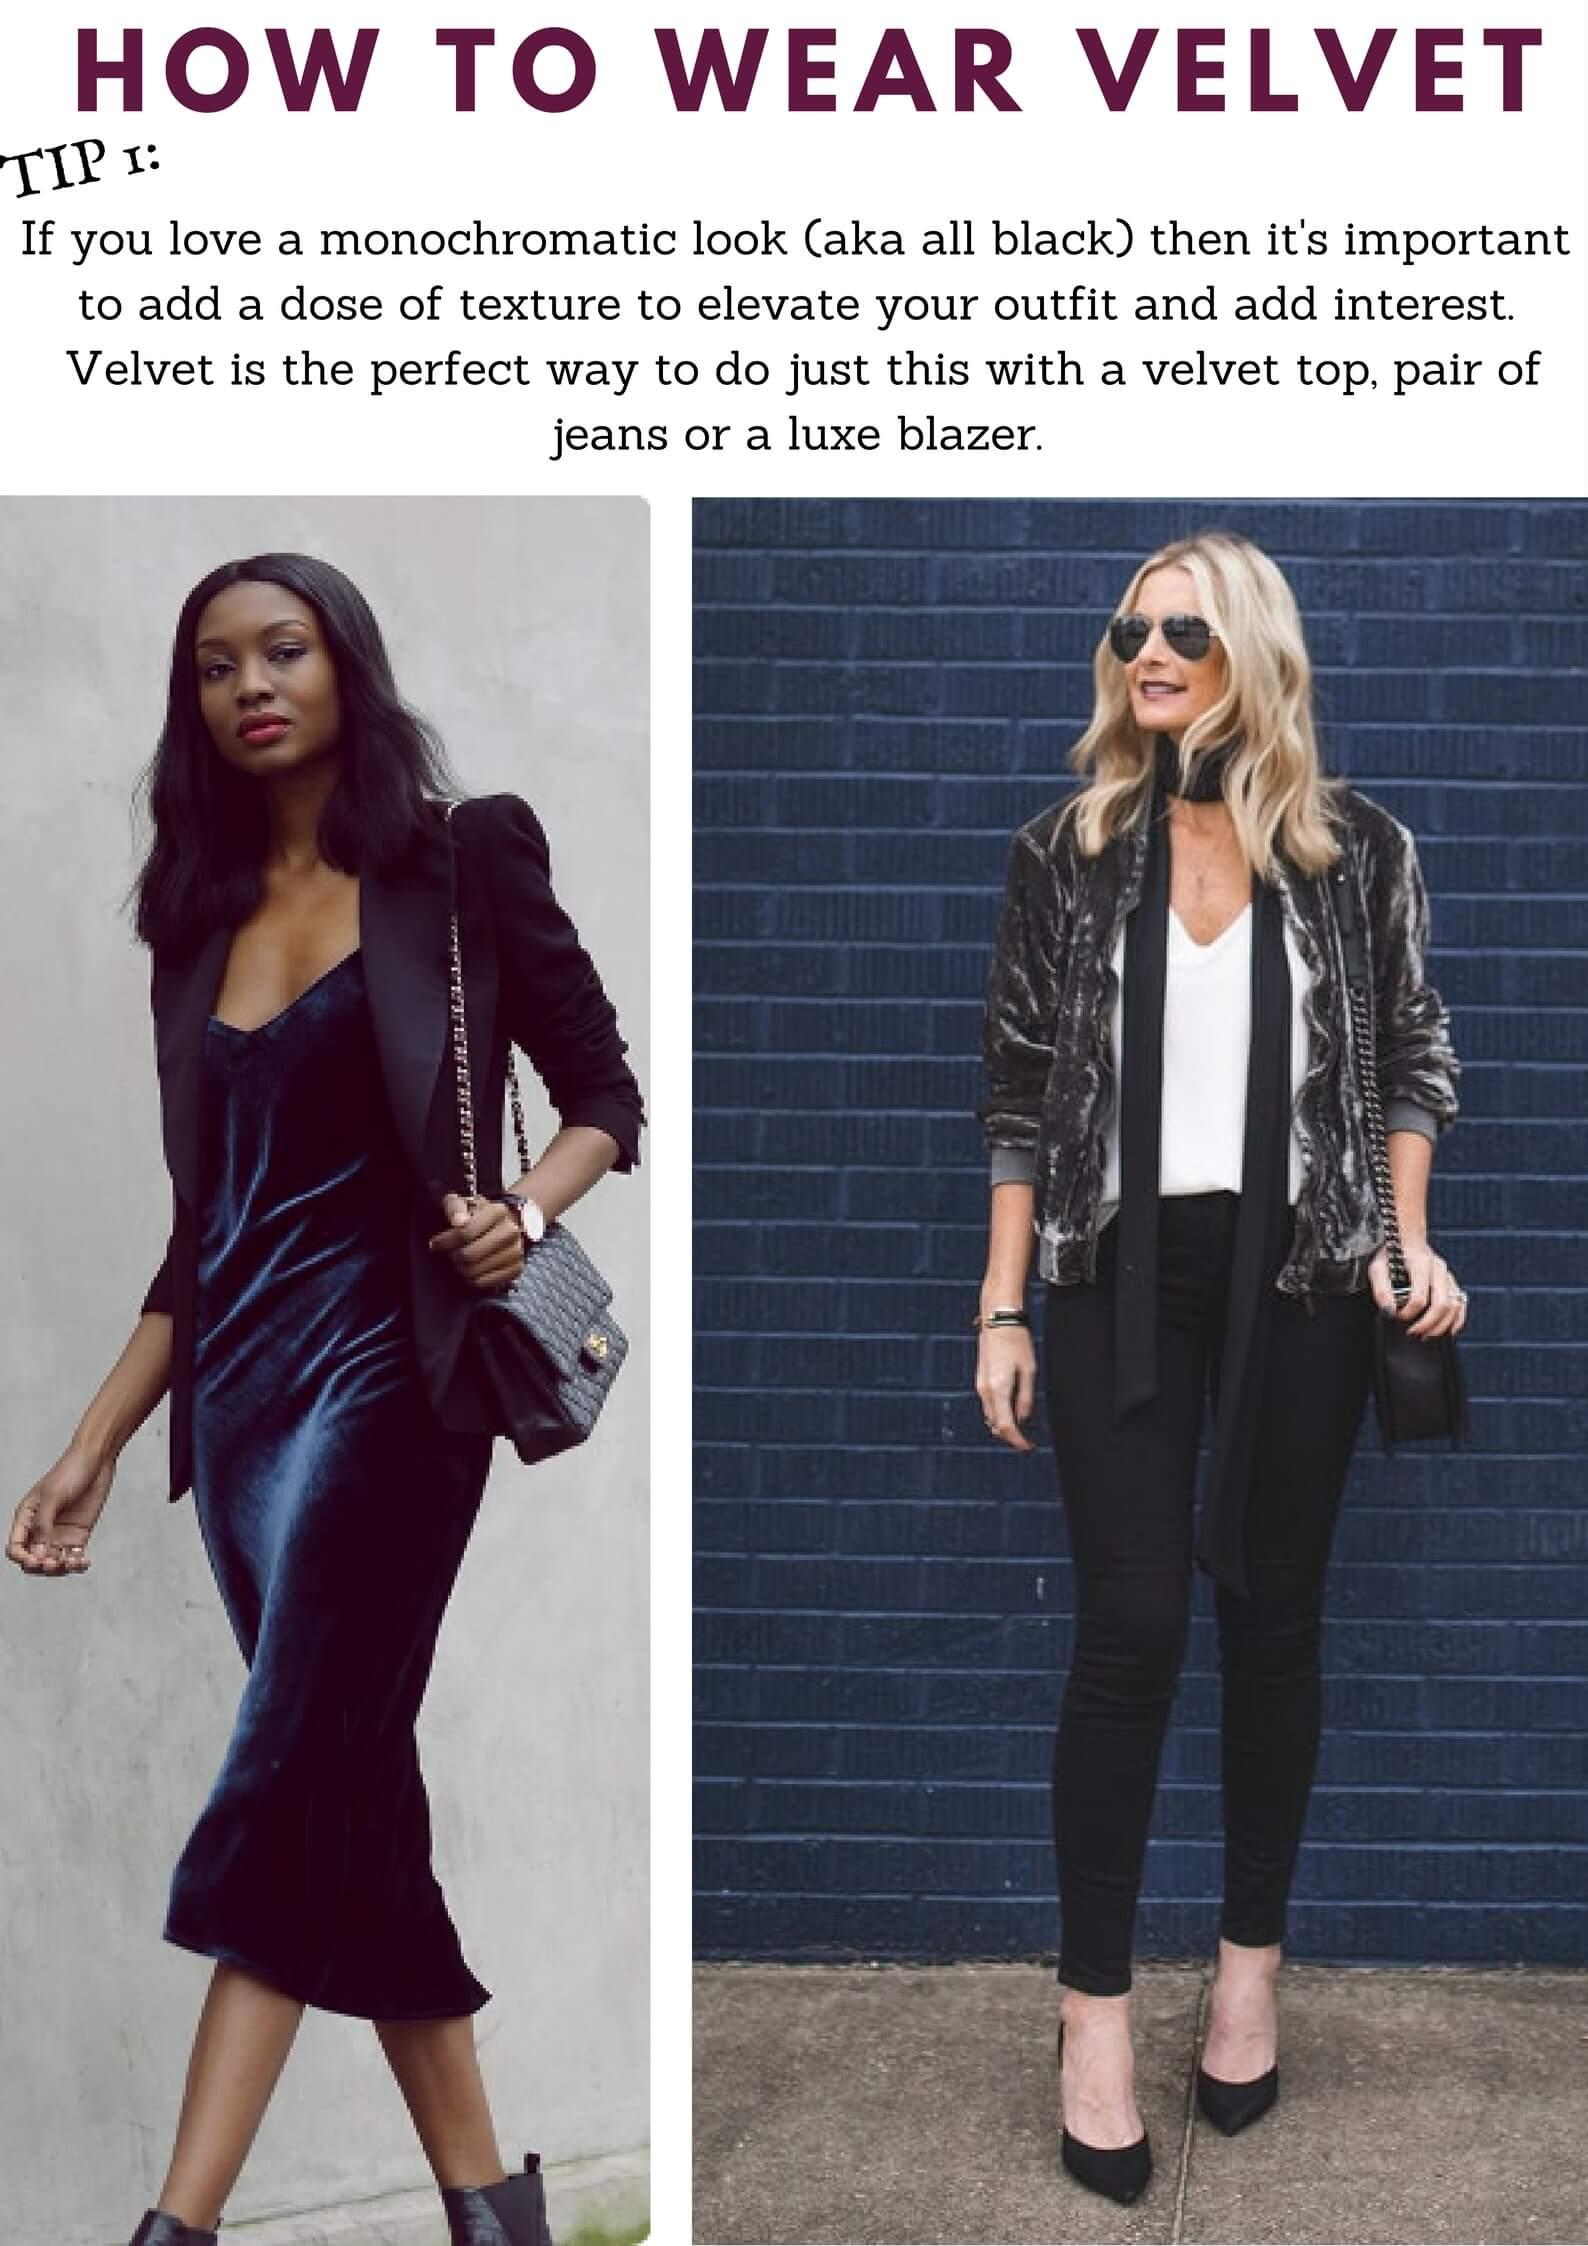 Velvet Outfit Ideas How To Wear Velvet The Right Way Style With Velvet